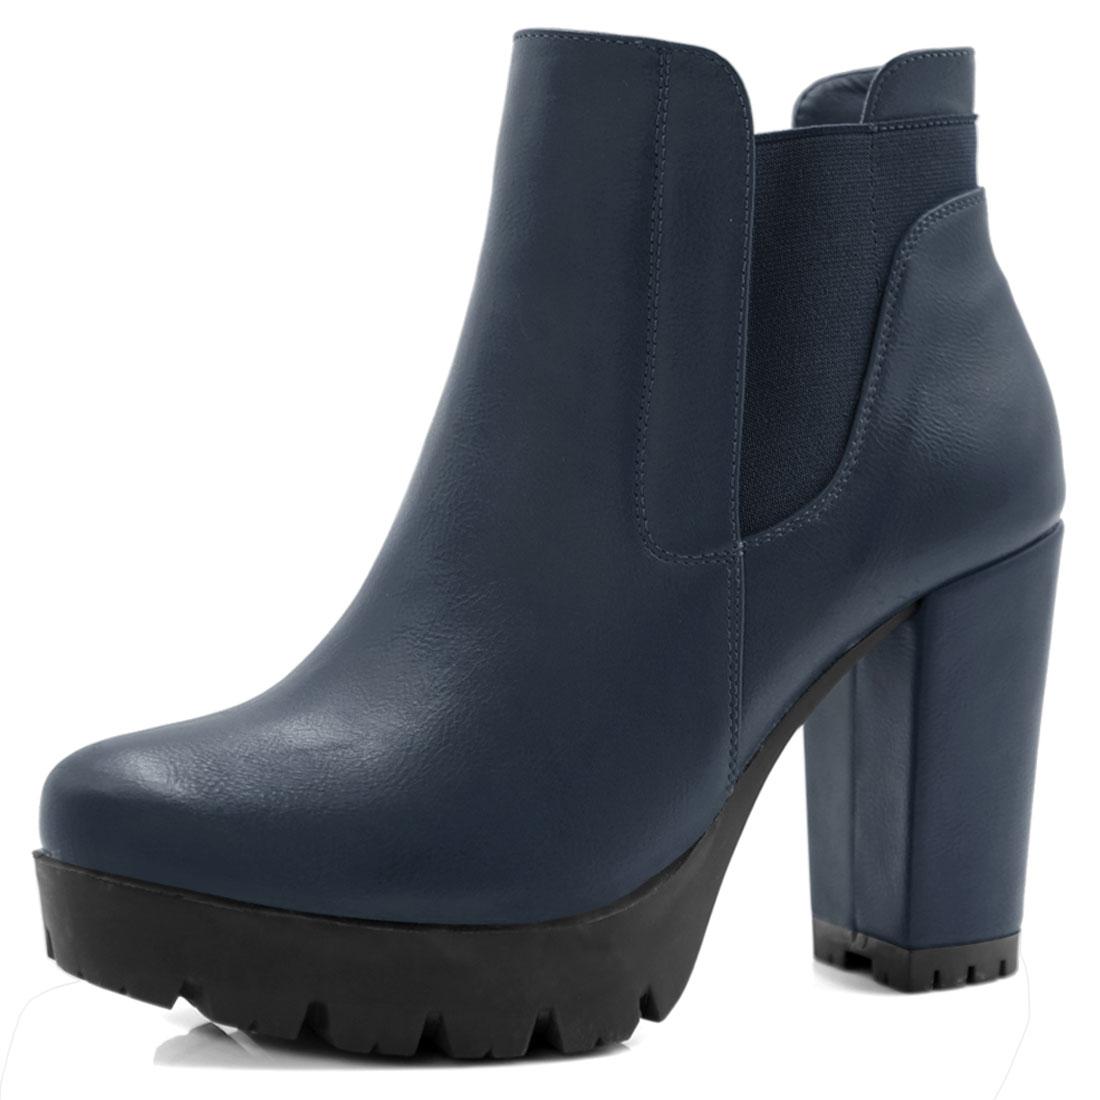 Allegra K Women Chunky High Heel Platform Zipper Chelsea Boots Navy Blue US 7.5